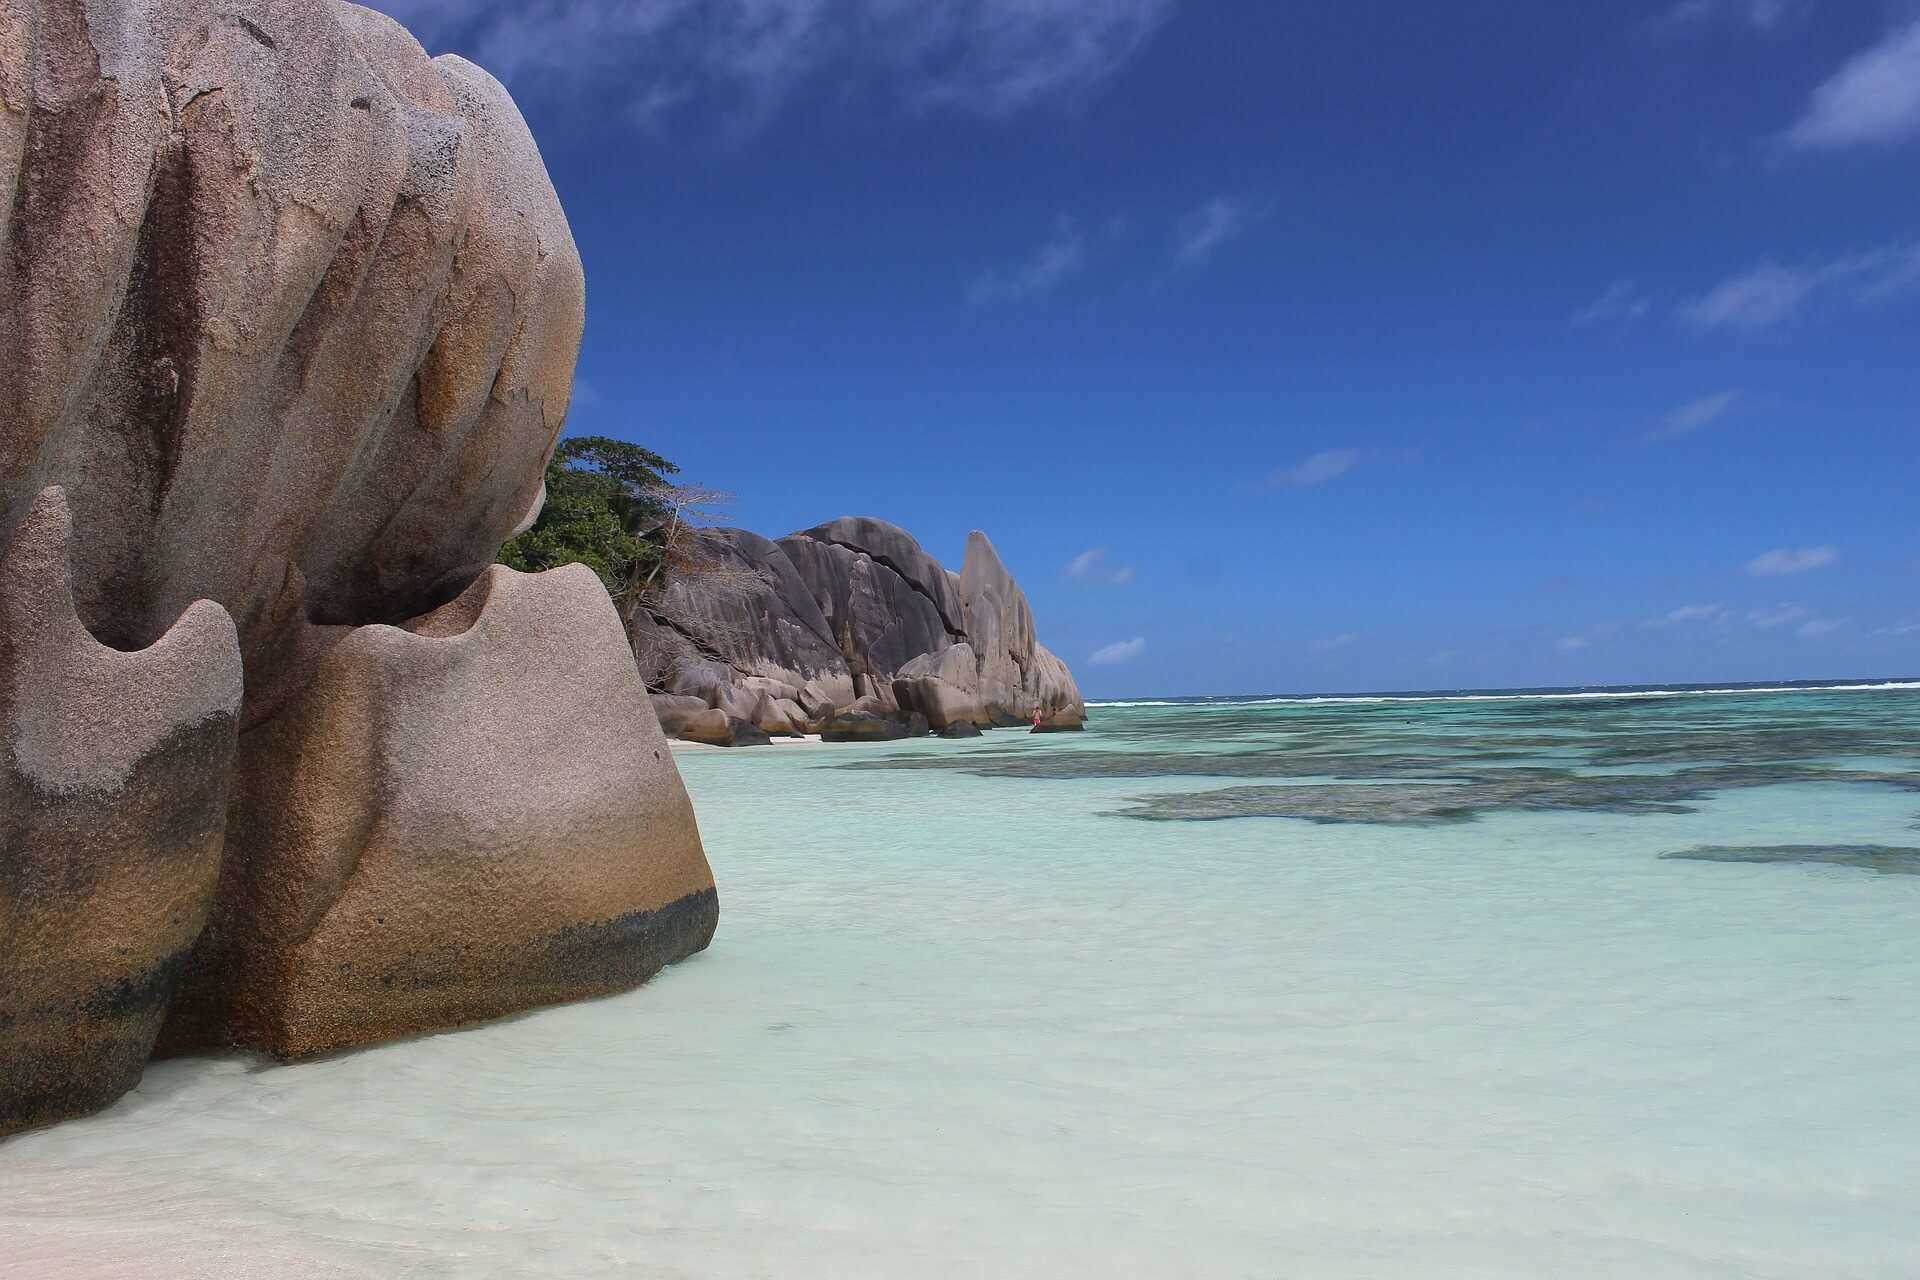 Direktflüge und Billigflüge nach Mahe Island (Seychellen)